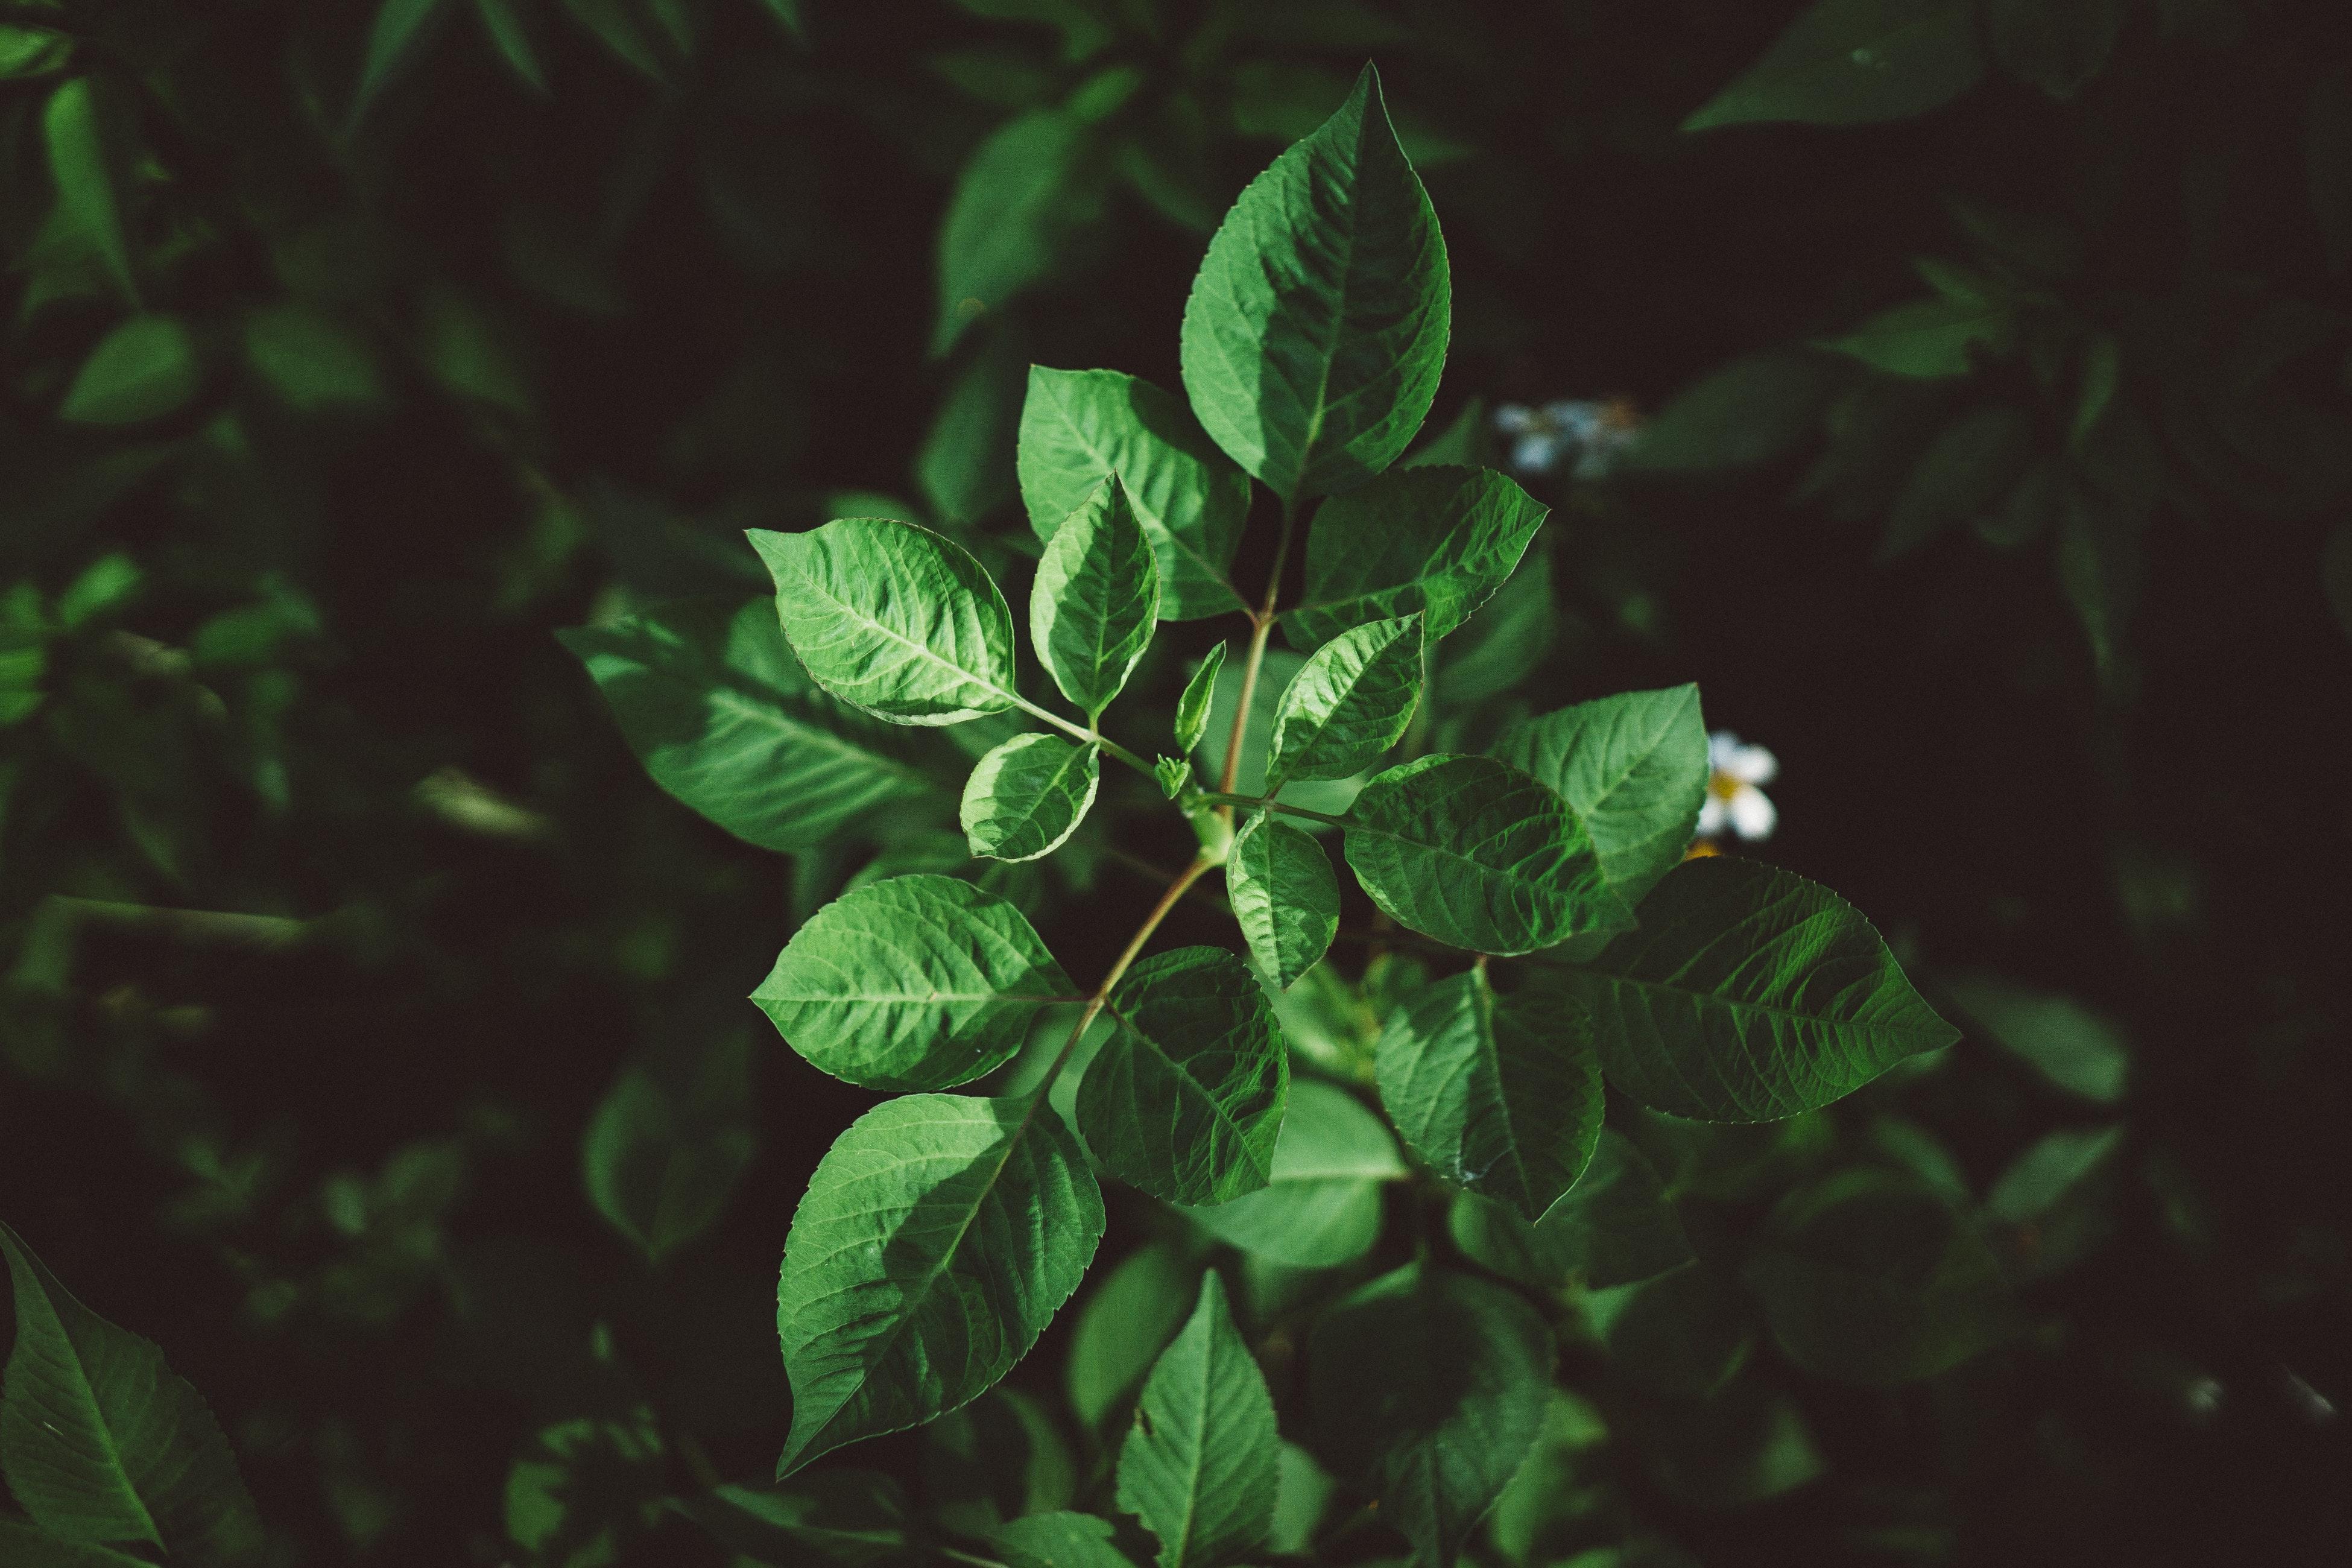 146426 скачать обои Макро, Листья, Растение, Зеленый, Растительность, Зелень - заставки и картинки бесплатно